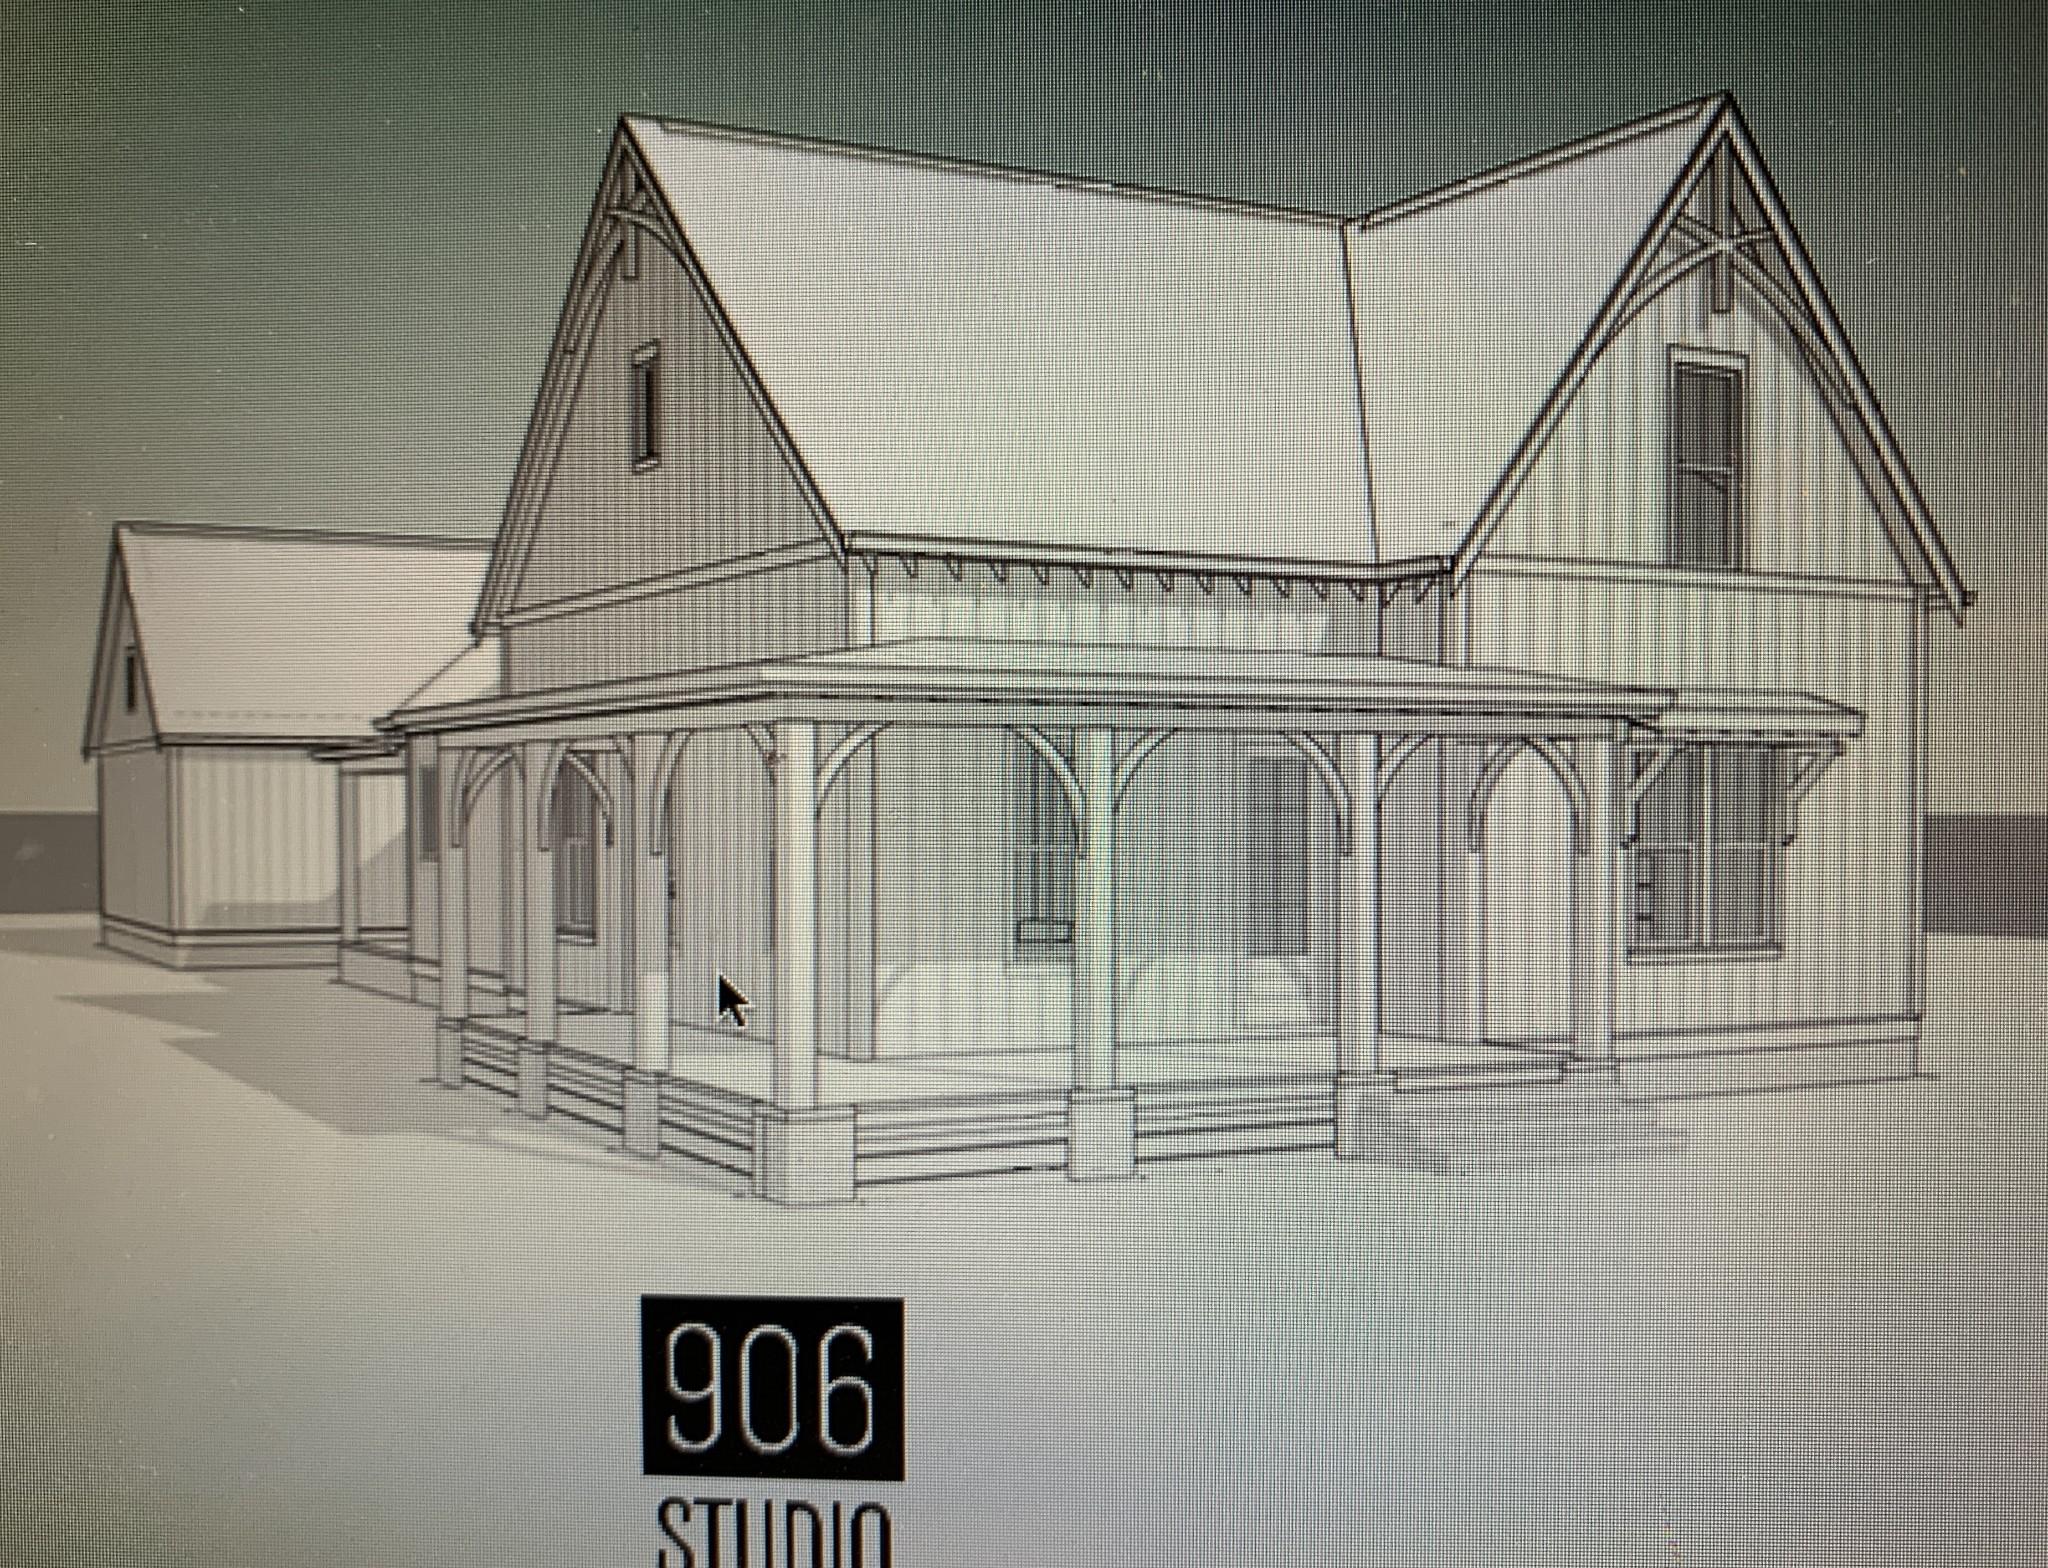 1984 Carothers Rd #163, Nolensville, TN 37135 - Nolensville, TN real estate listing